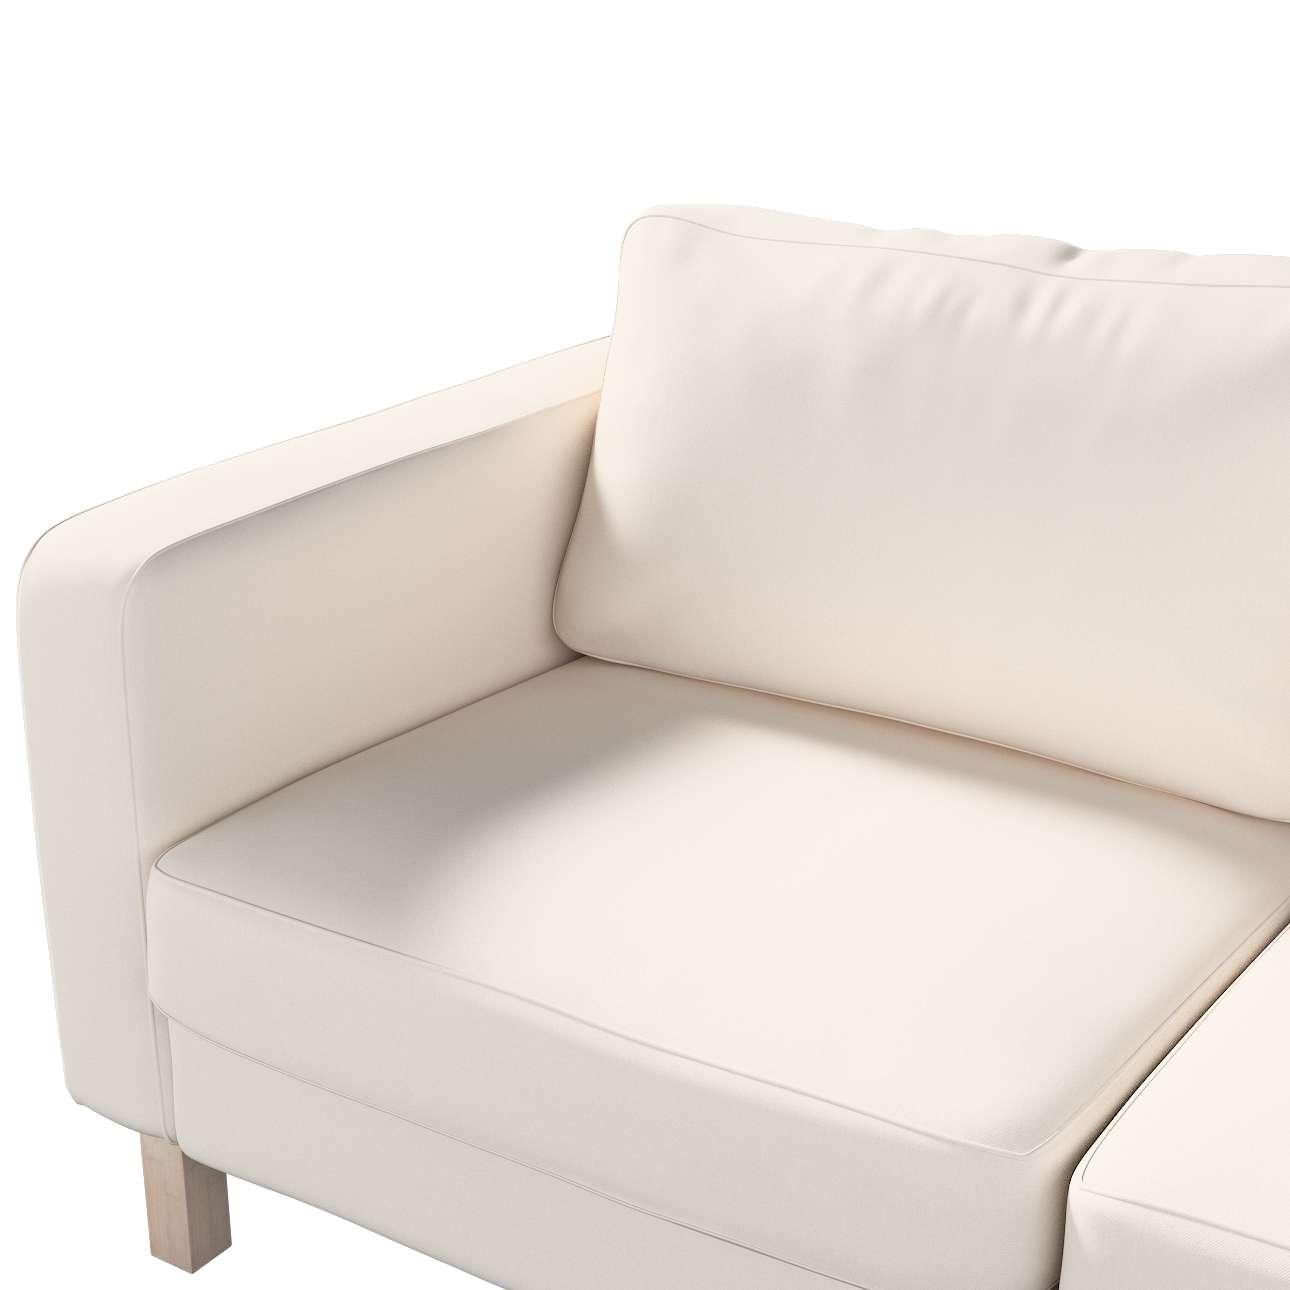 Pokrowiec na sofę Karlstad 2-osobową nierozkładaną krótki w kolekcji Etna, tkanina: 705-01